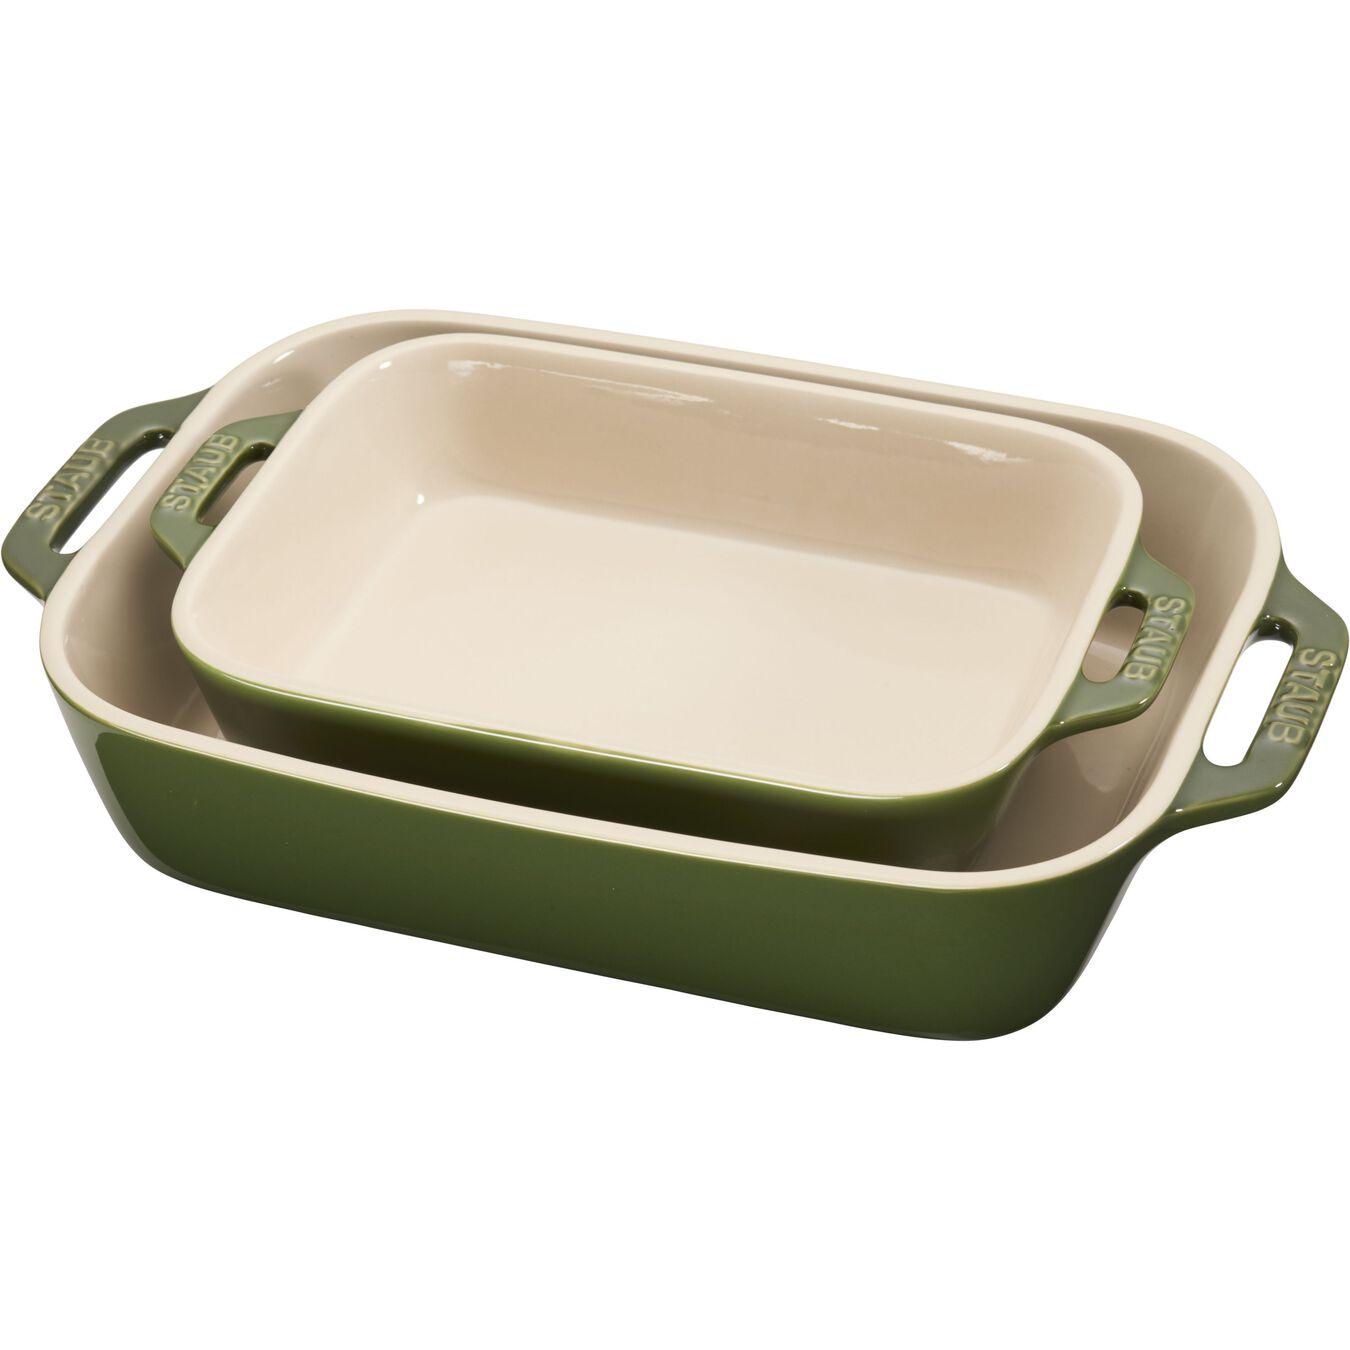 2-pcs rectangular Ensemble plats de cuisson pour le four, Basil-Green,,large 1